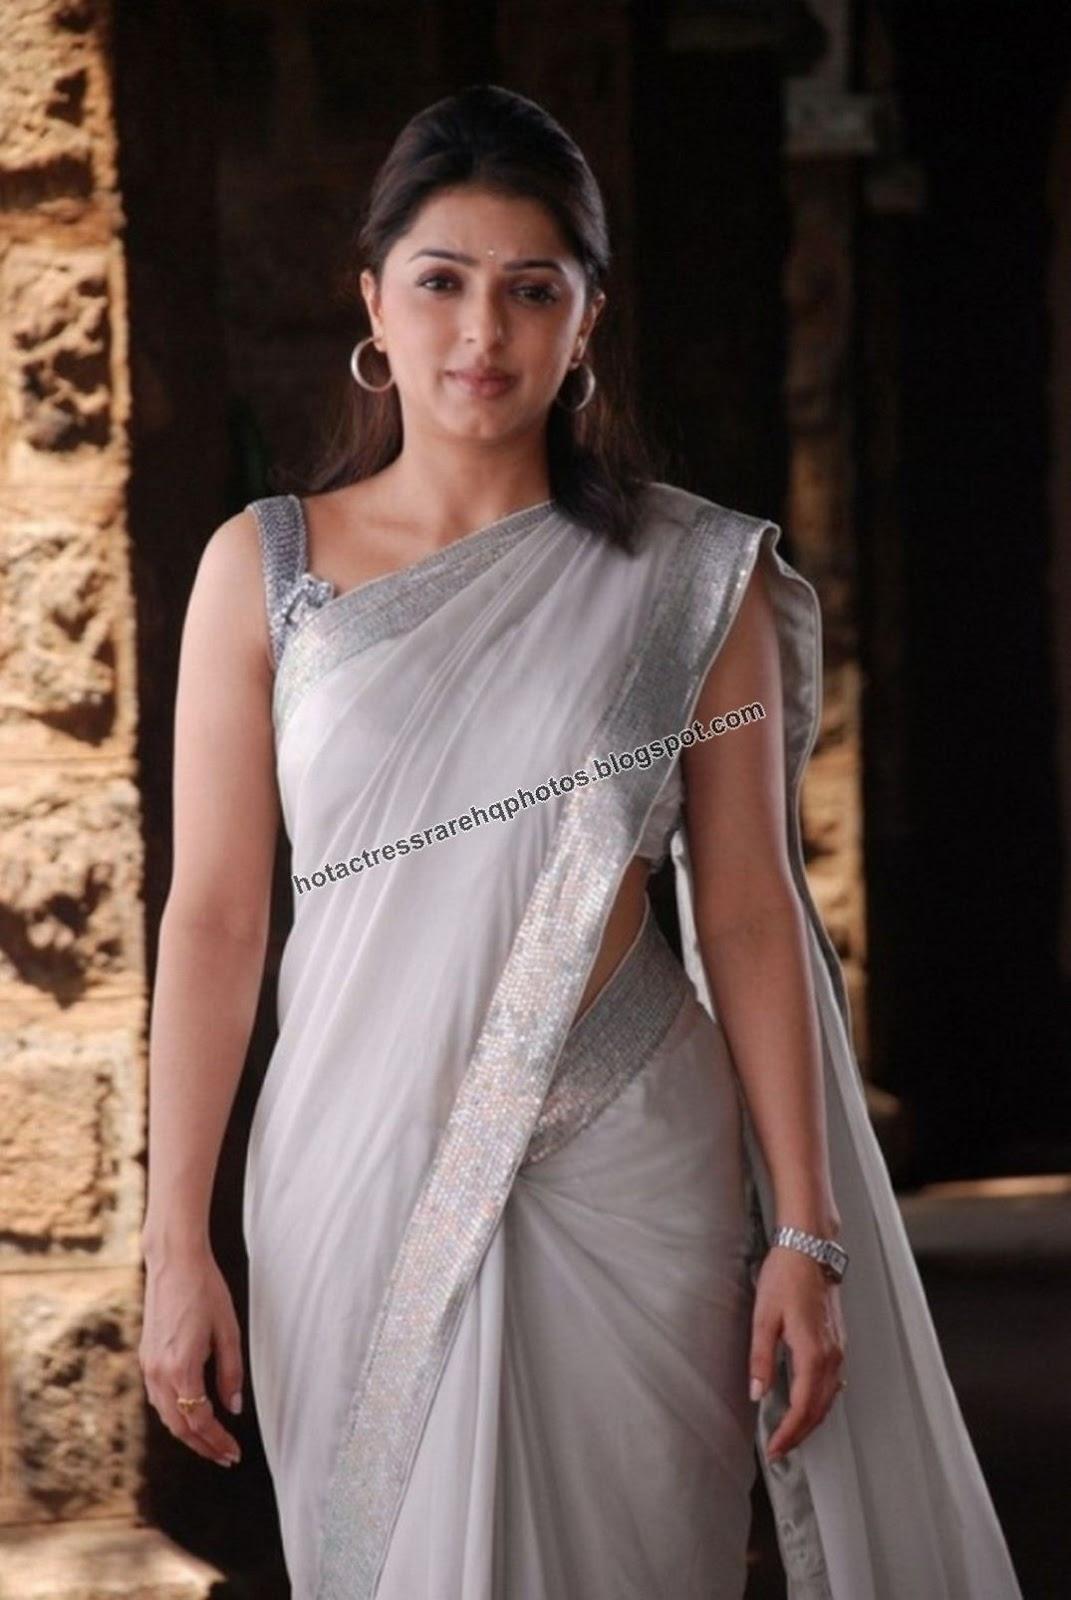 Hot Indian Actress Rare Hq Photos Telugu Actress Bhumika -8412